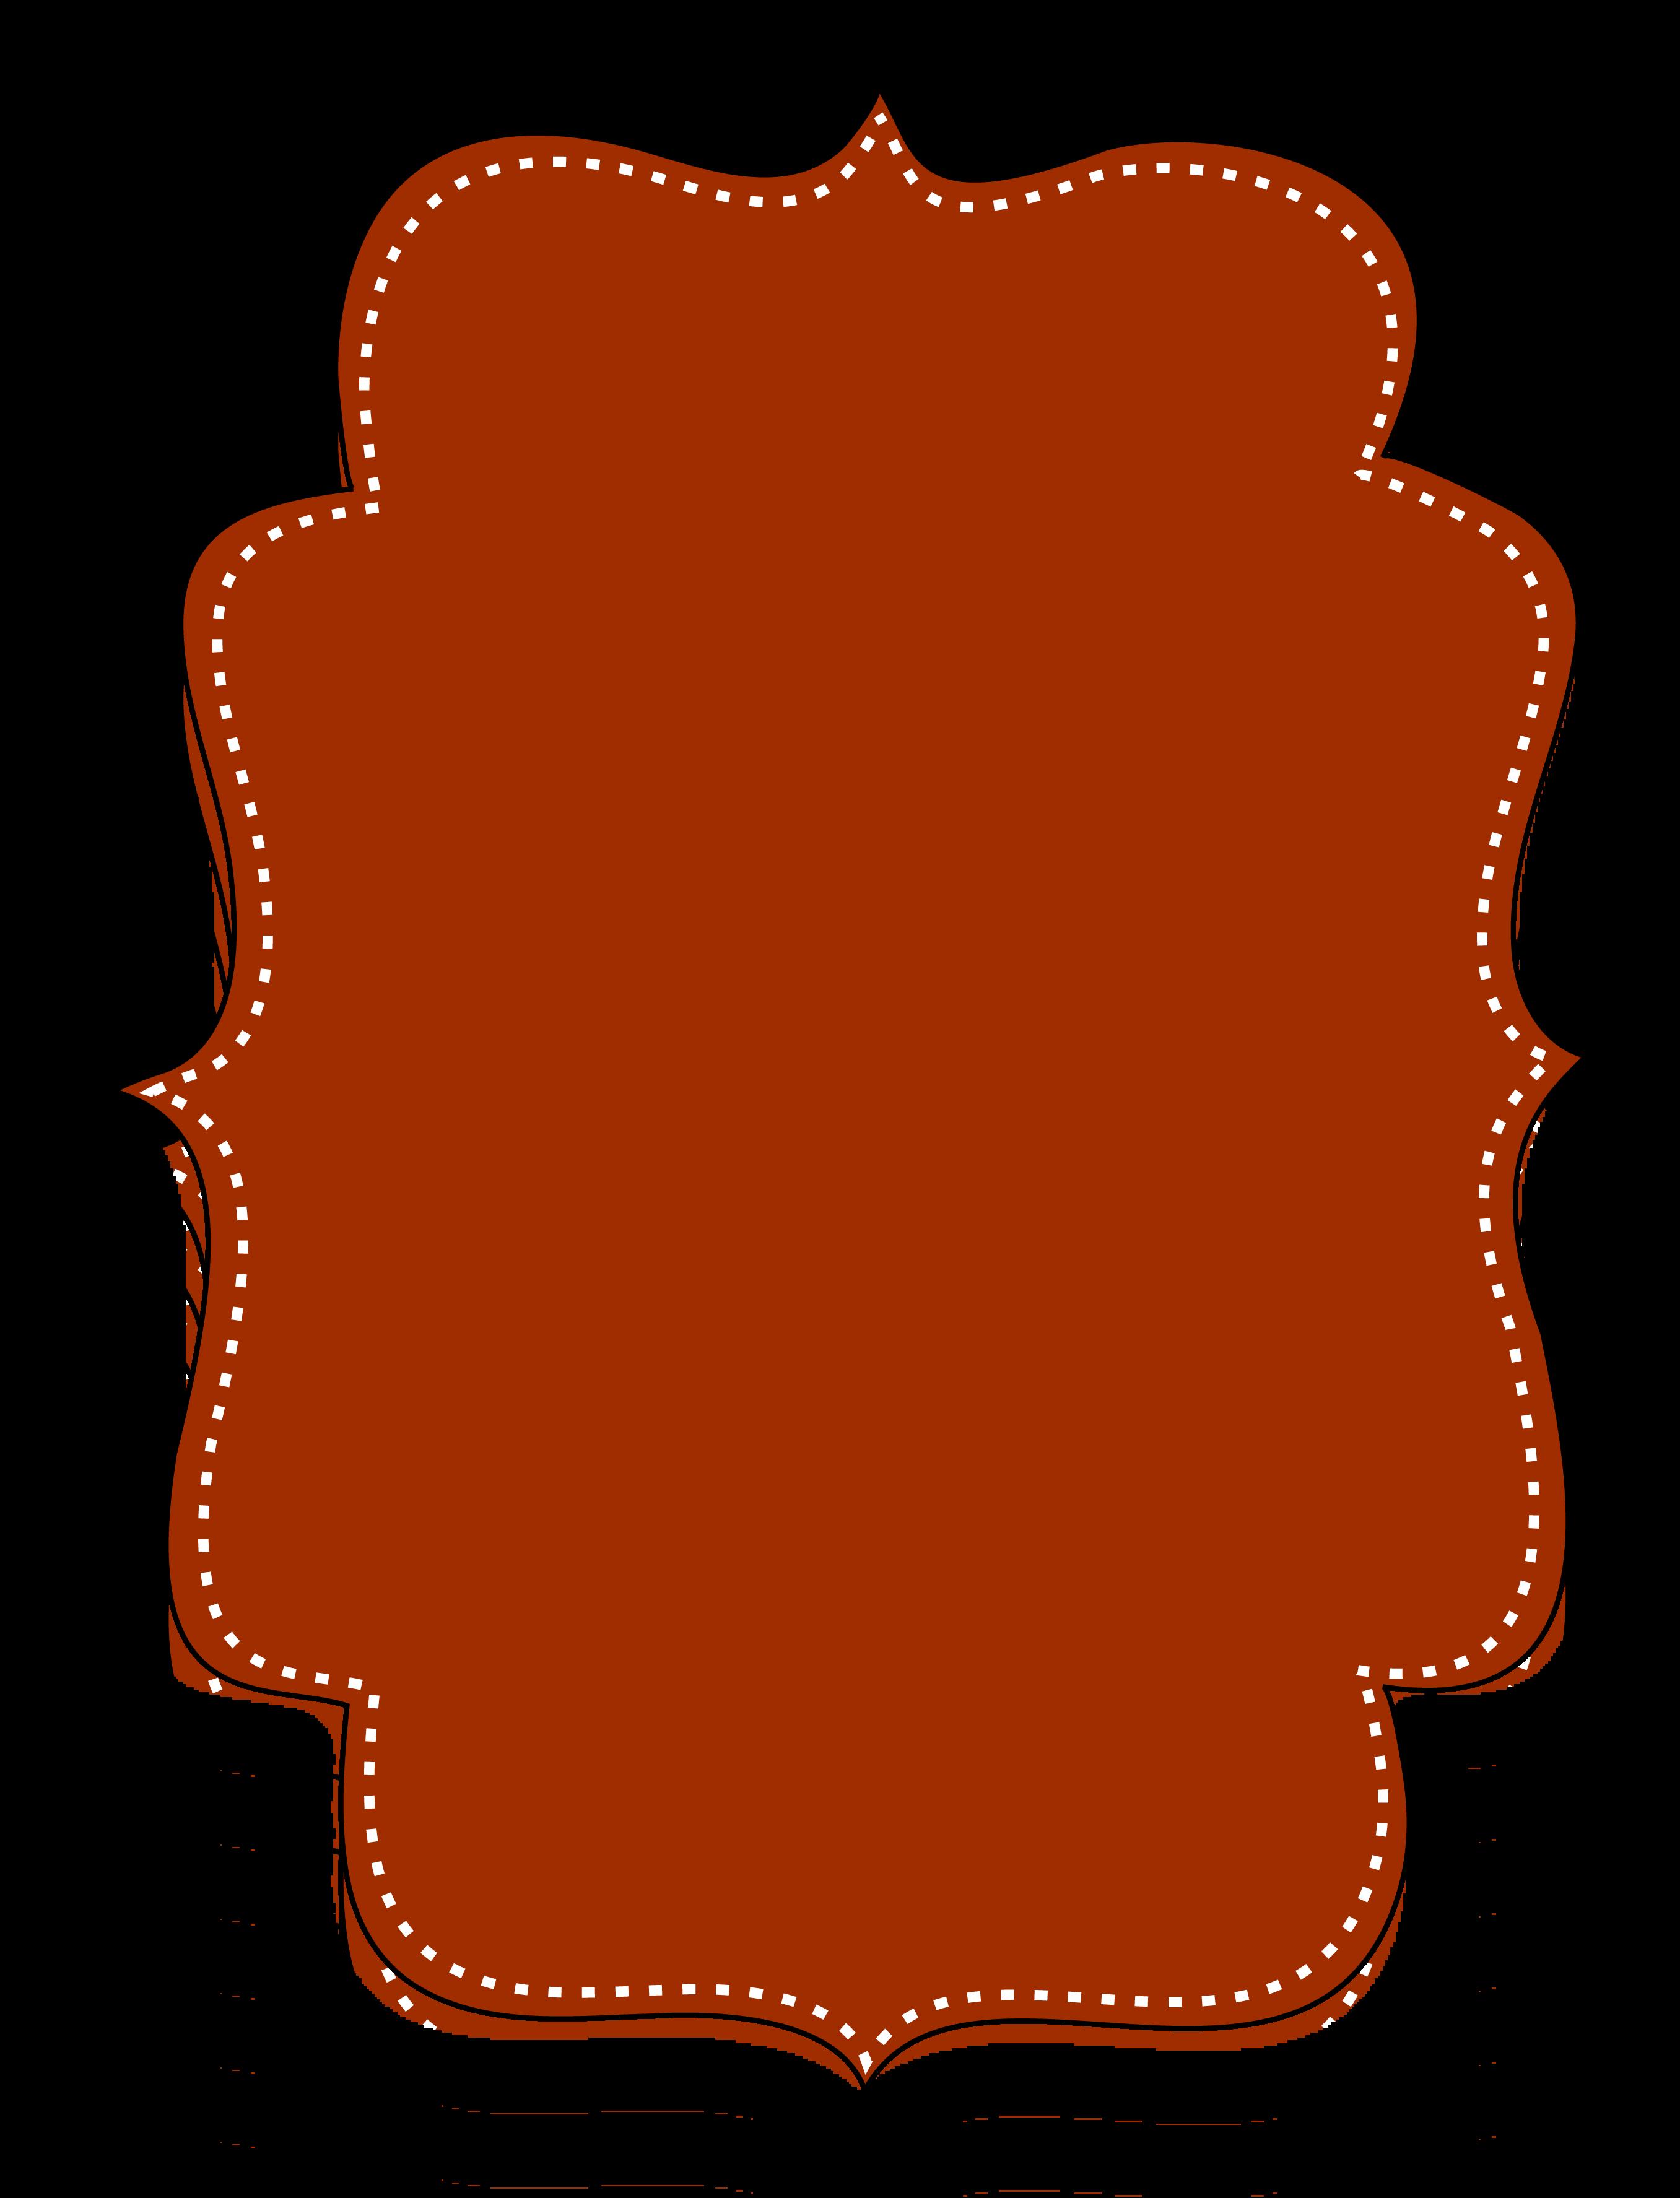 Planner clipart orange folder. Pin by wafaa sherif